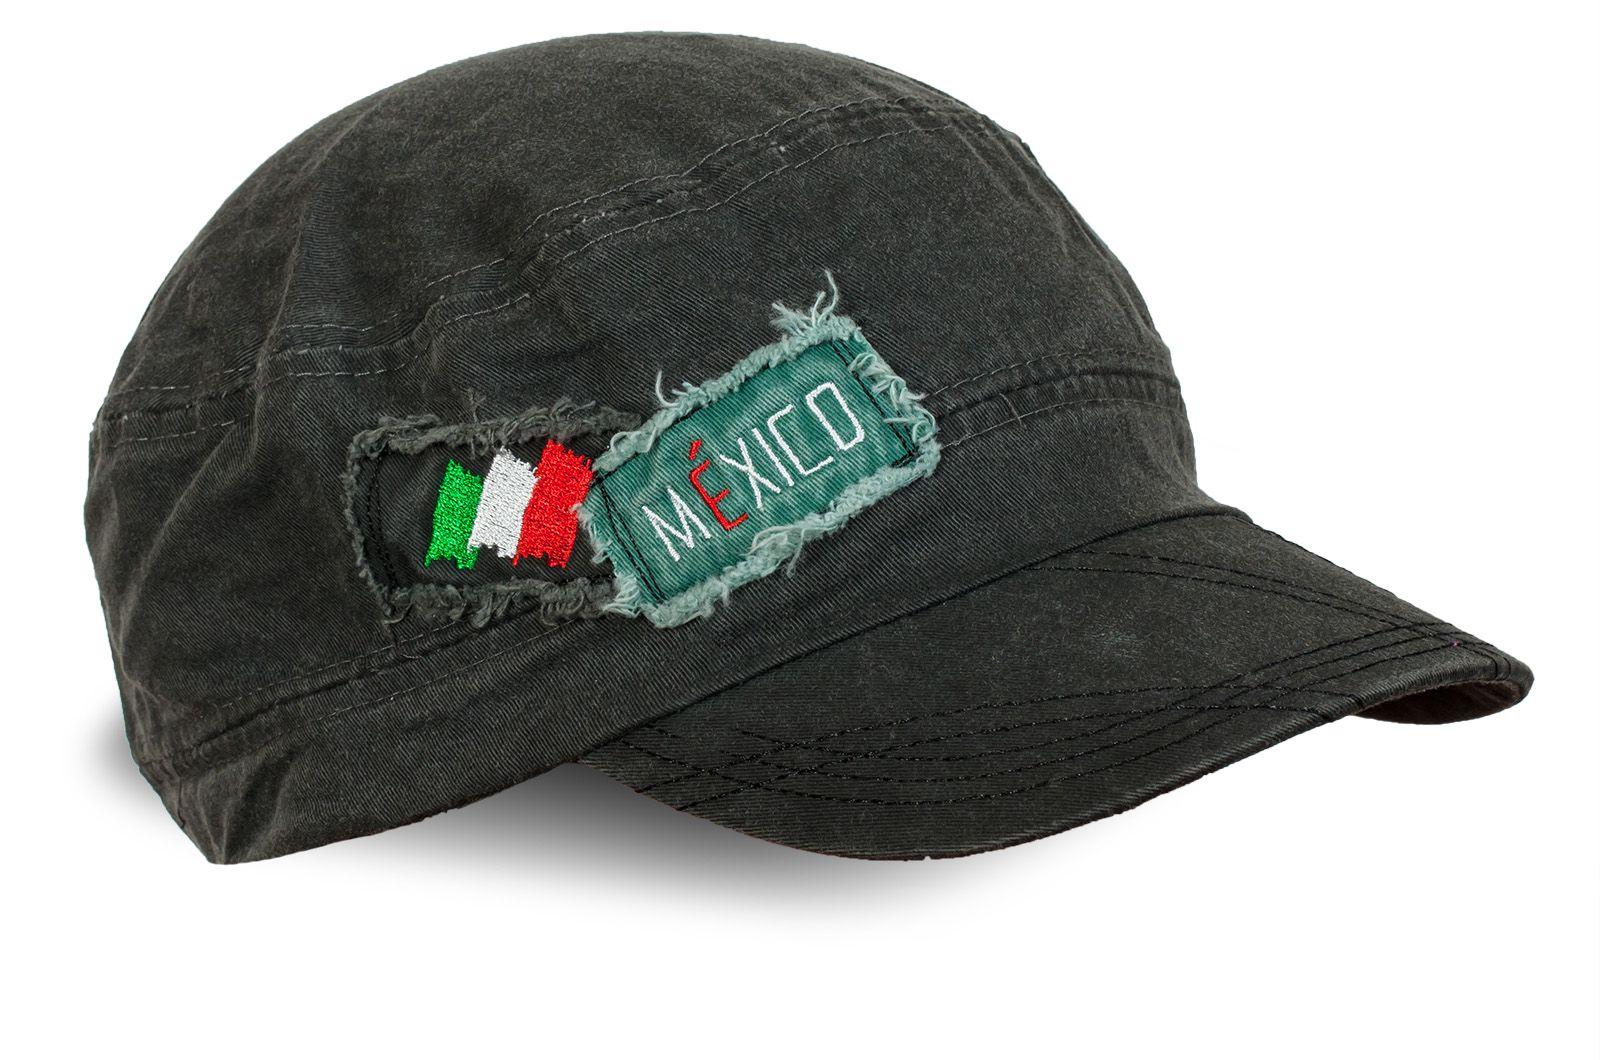 Кепка Mexico | Купить молодёжную кепку по выгодной цене